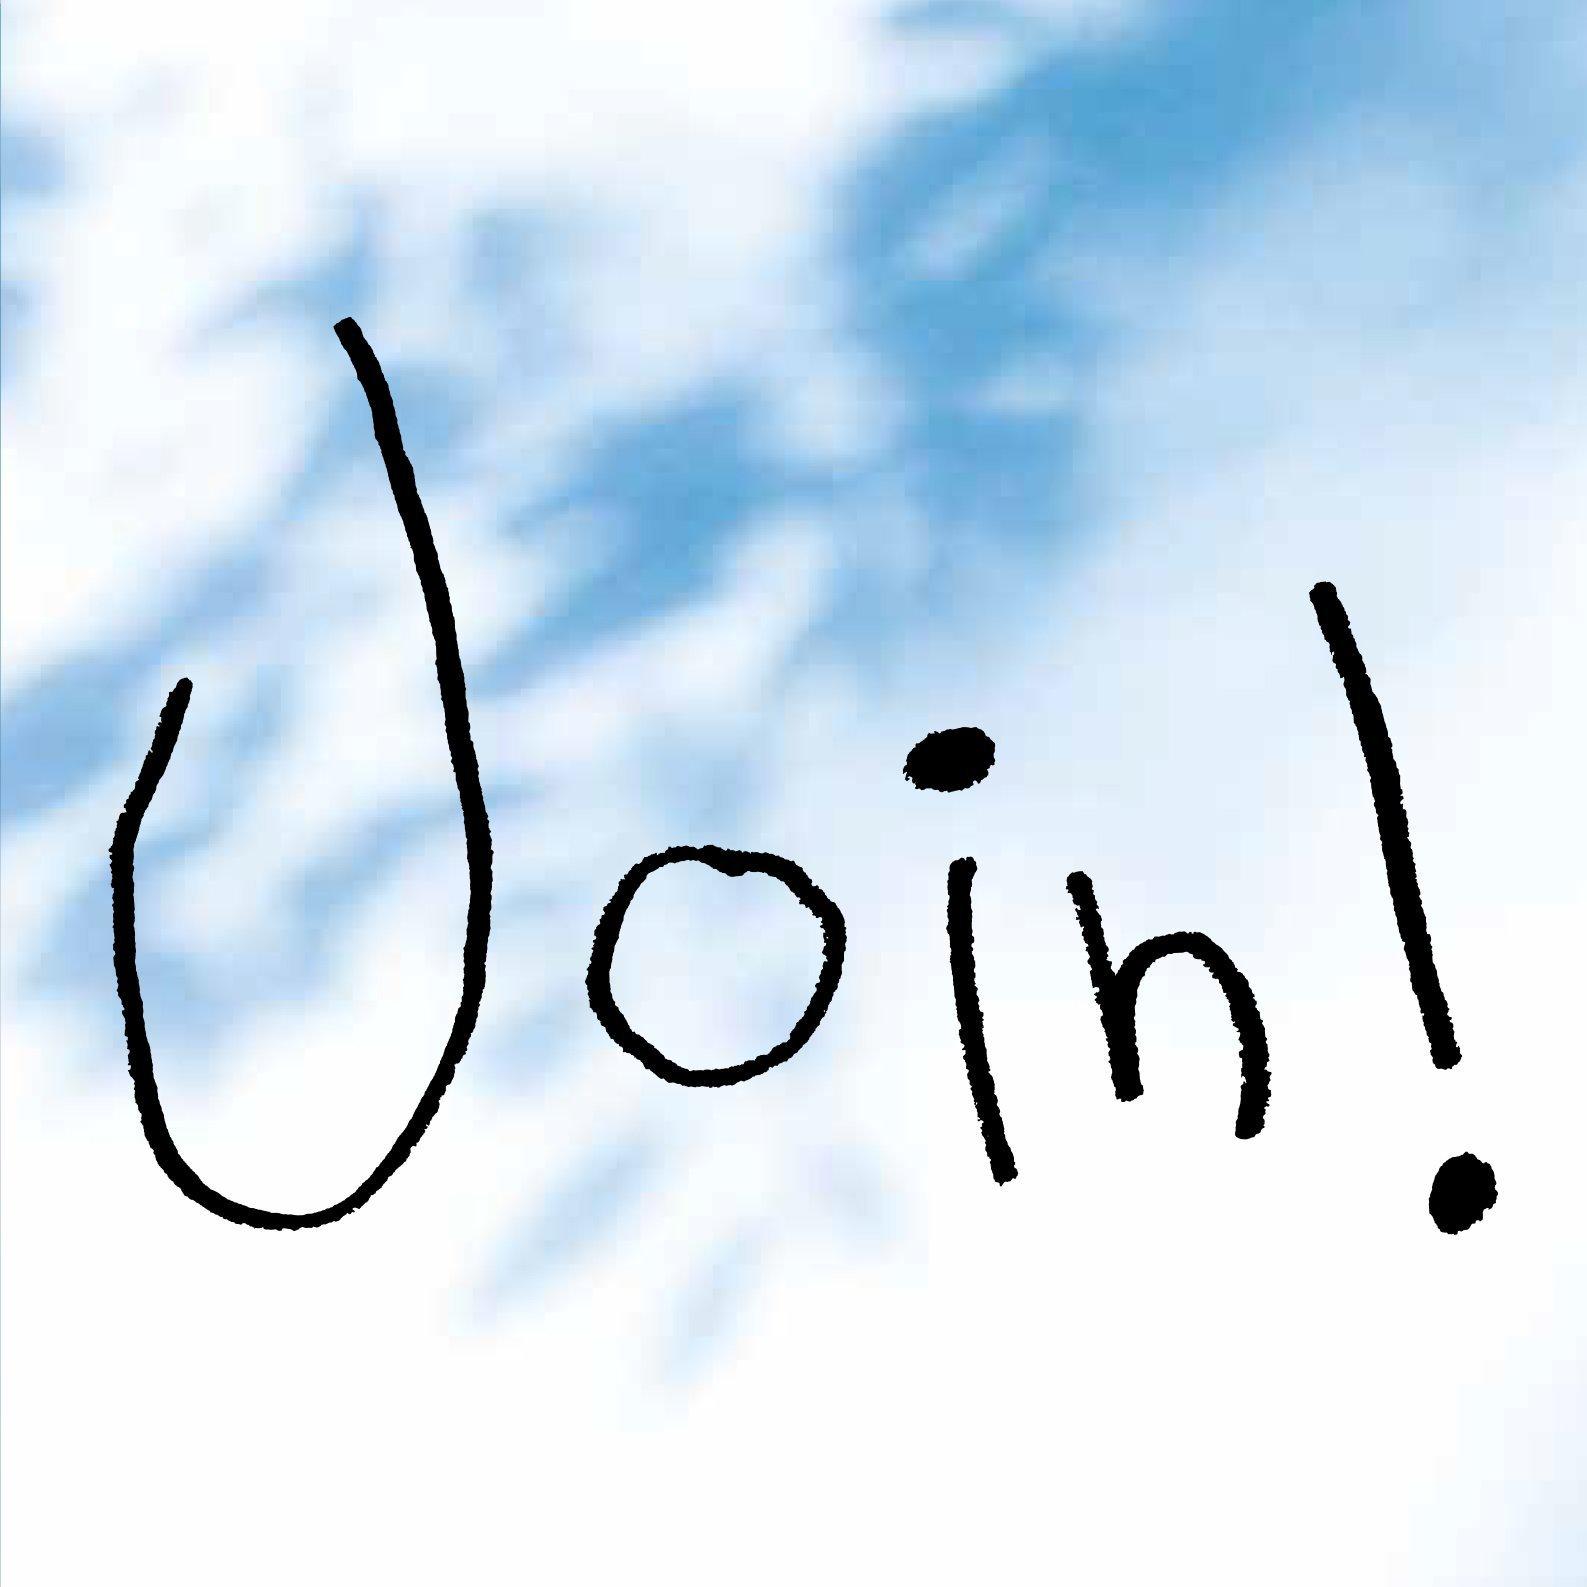 新しい地図 (稲垣吾郎 草なぎ剛 香取慎吾) 『Join! (ジョイン!)』(会員向け特典CD) 高画質CDジャケット画像 ジャケ写